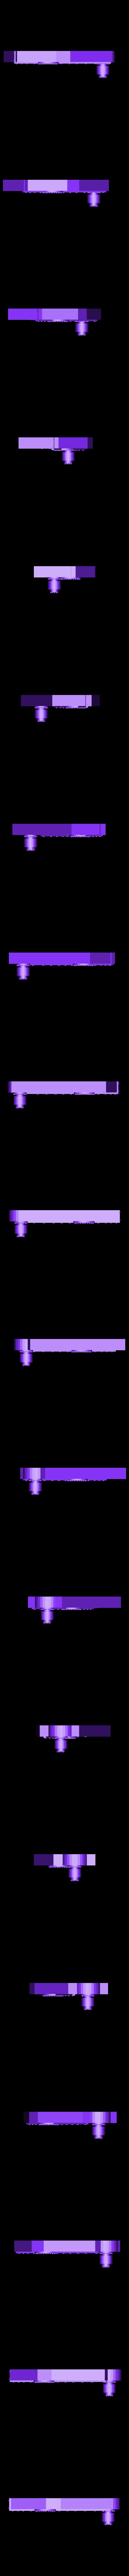 01.stl Download STL file MONAKO RC MODEL BOAT TUG • 3D printable template, maca-artwork